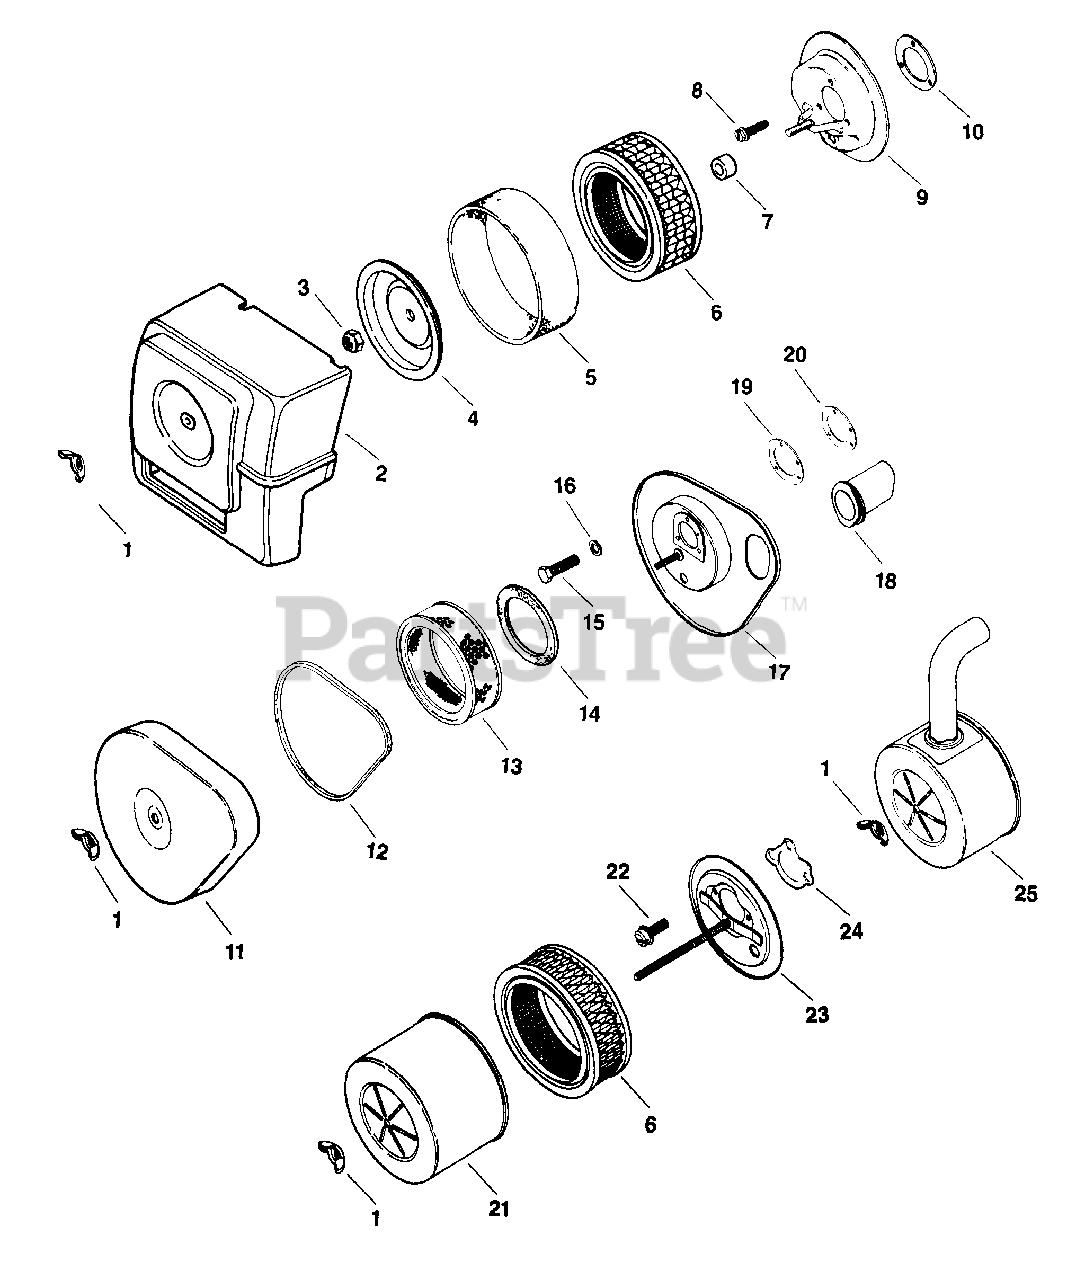 Kohler M14